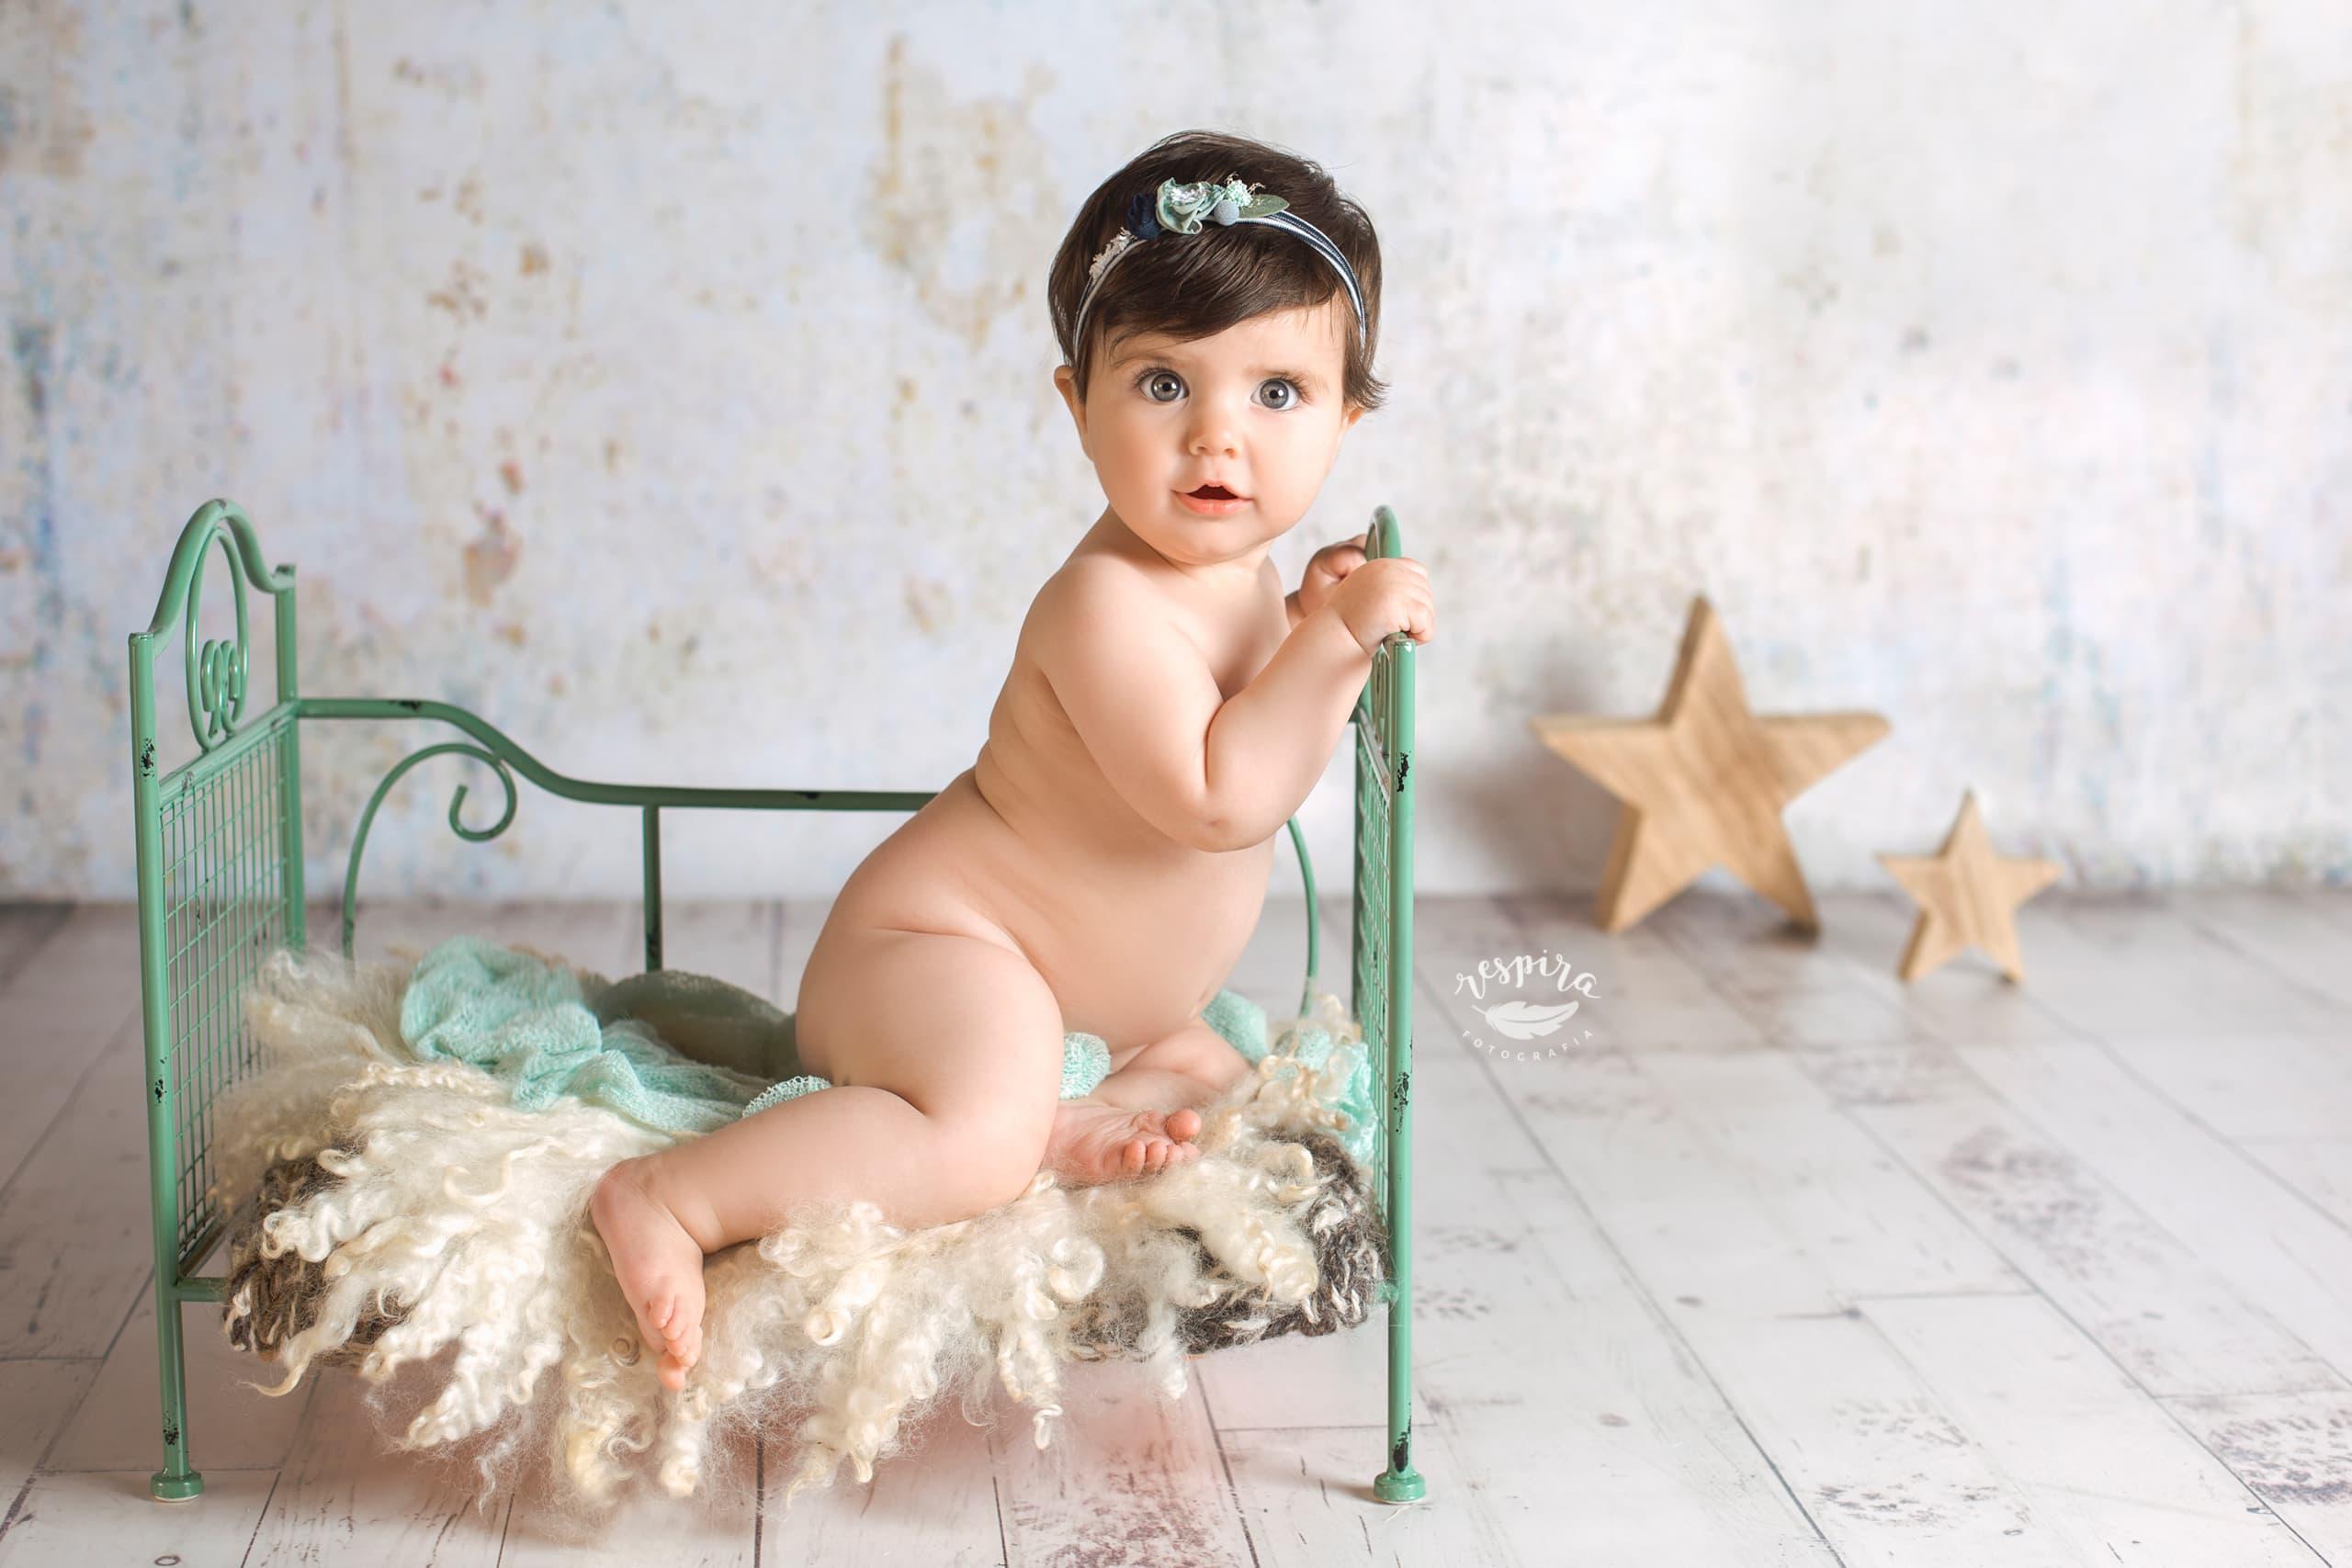 Fotografo de bebes en olesa barcelona baix llobregat